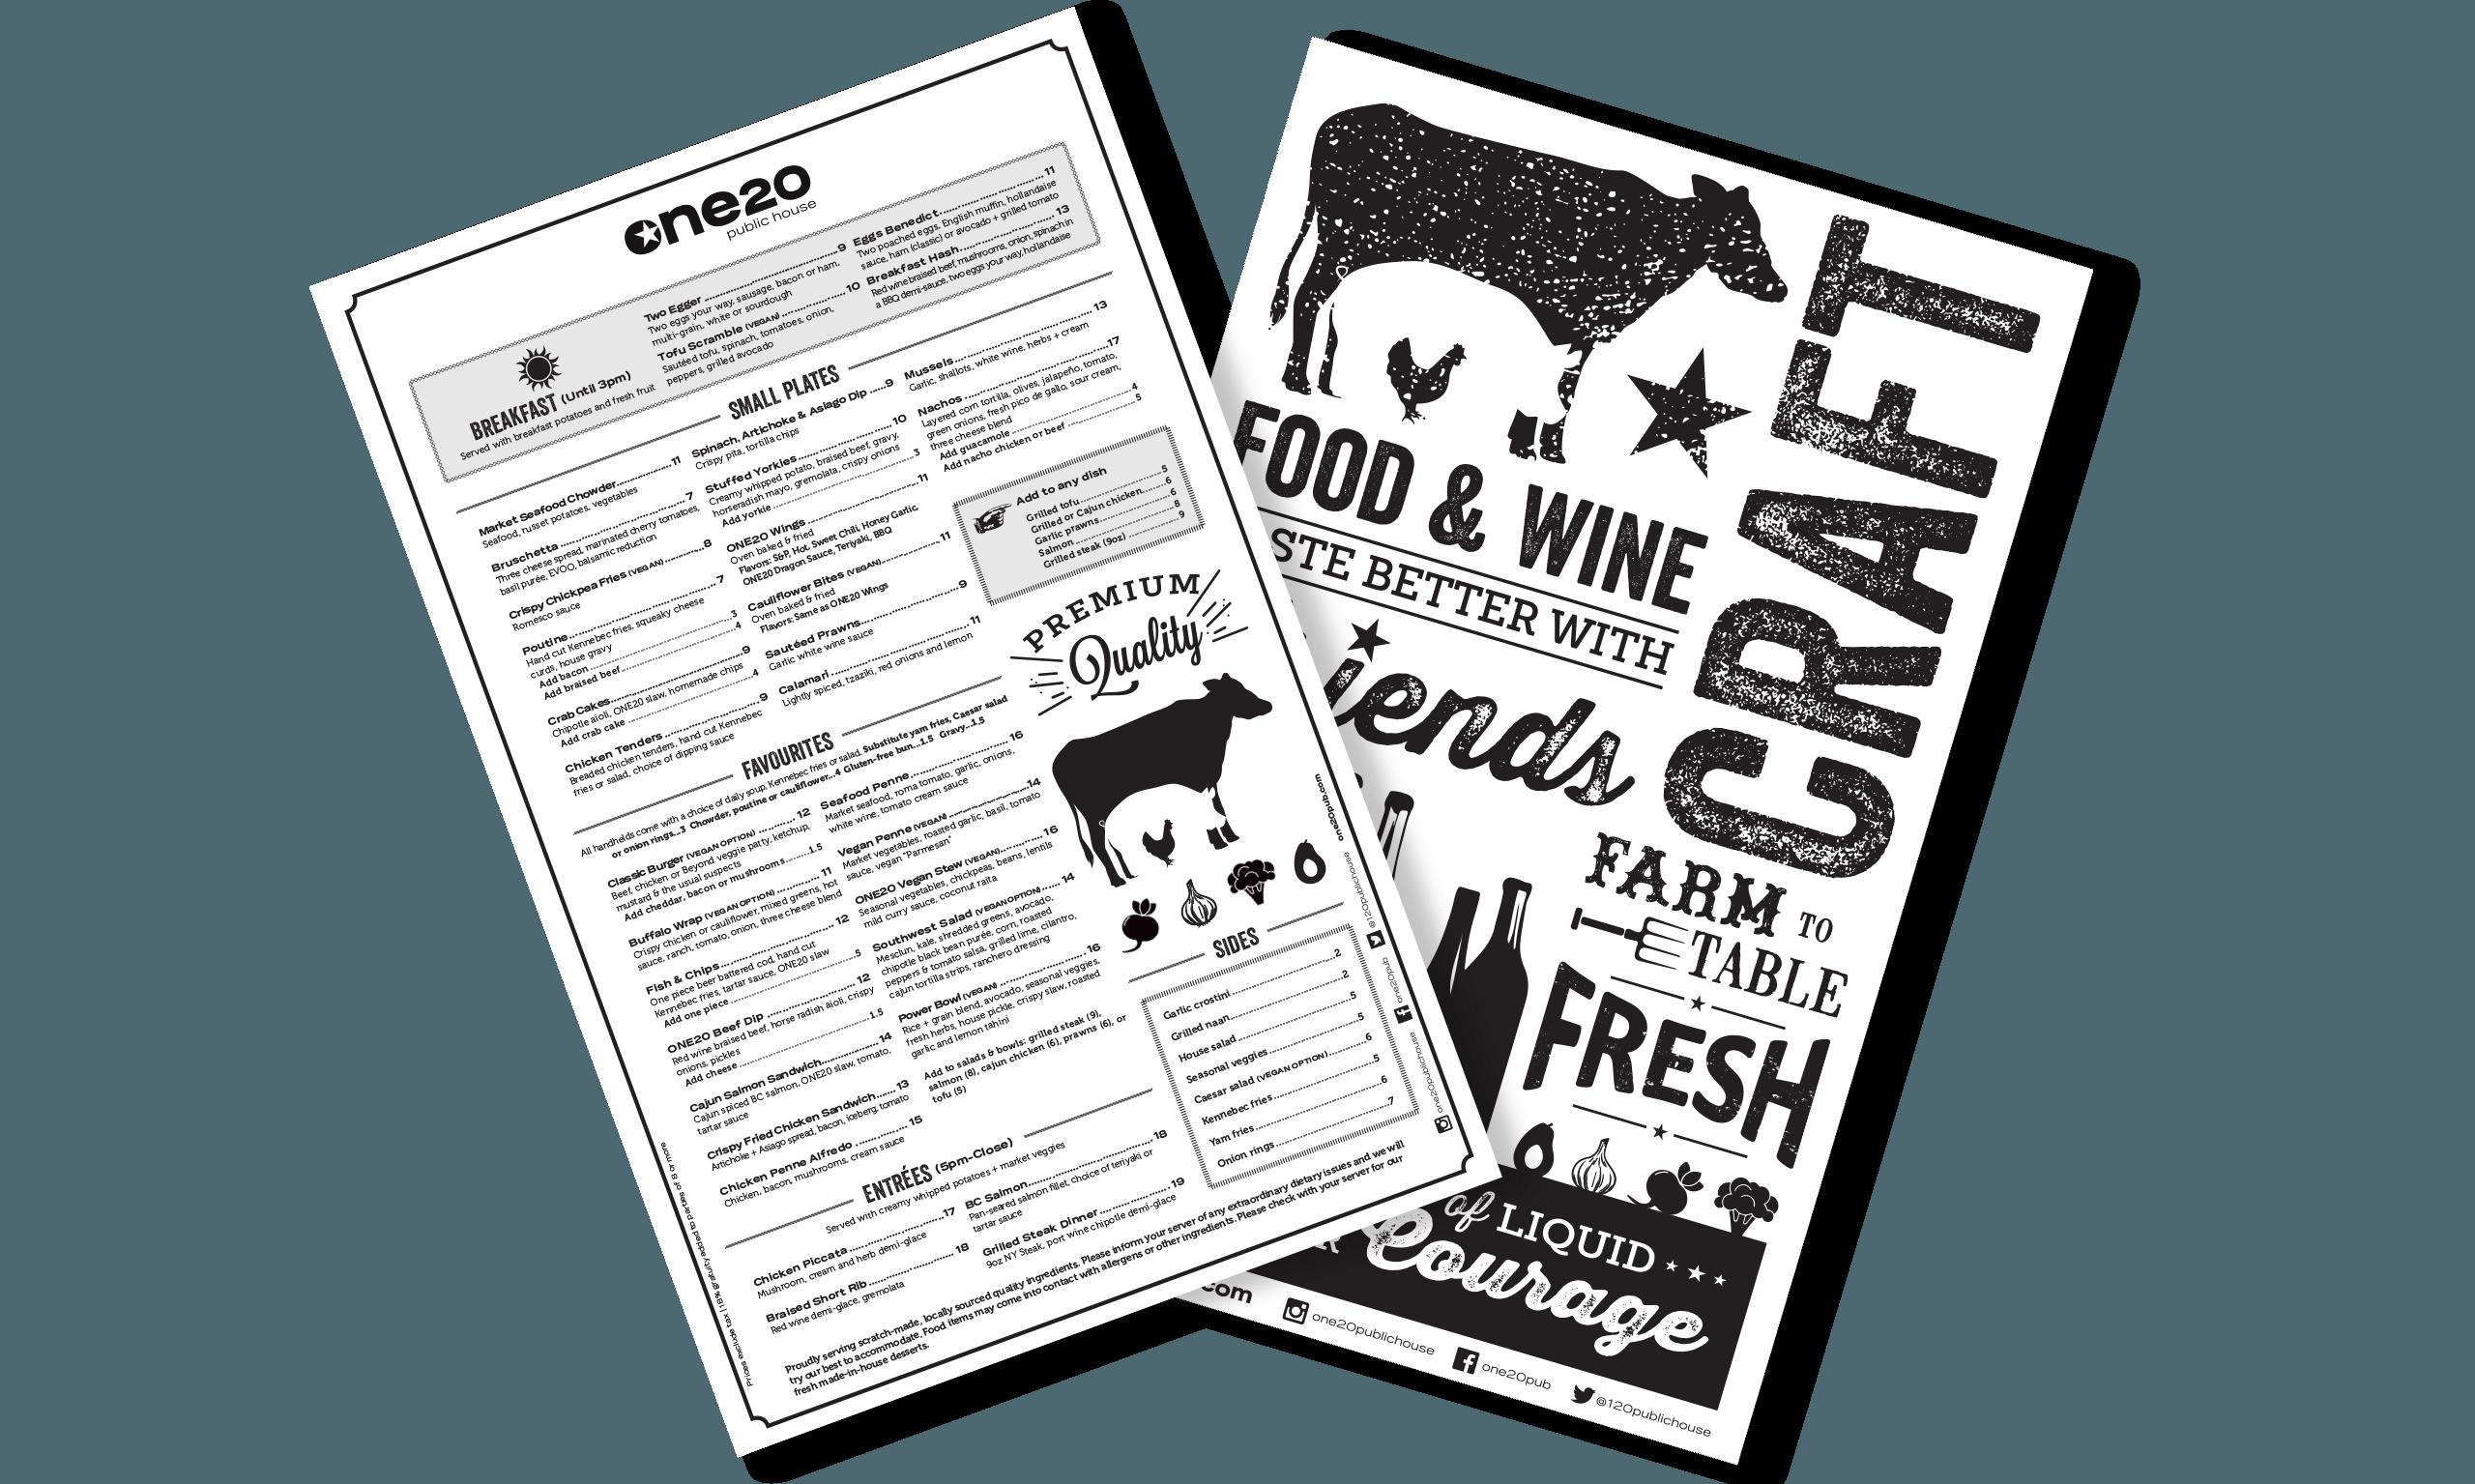 one20-menus-2